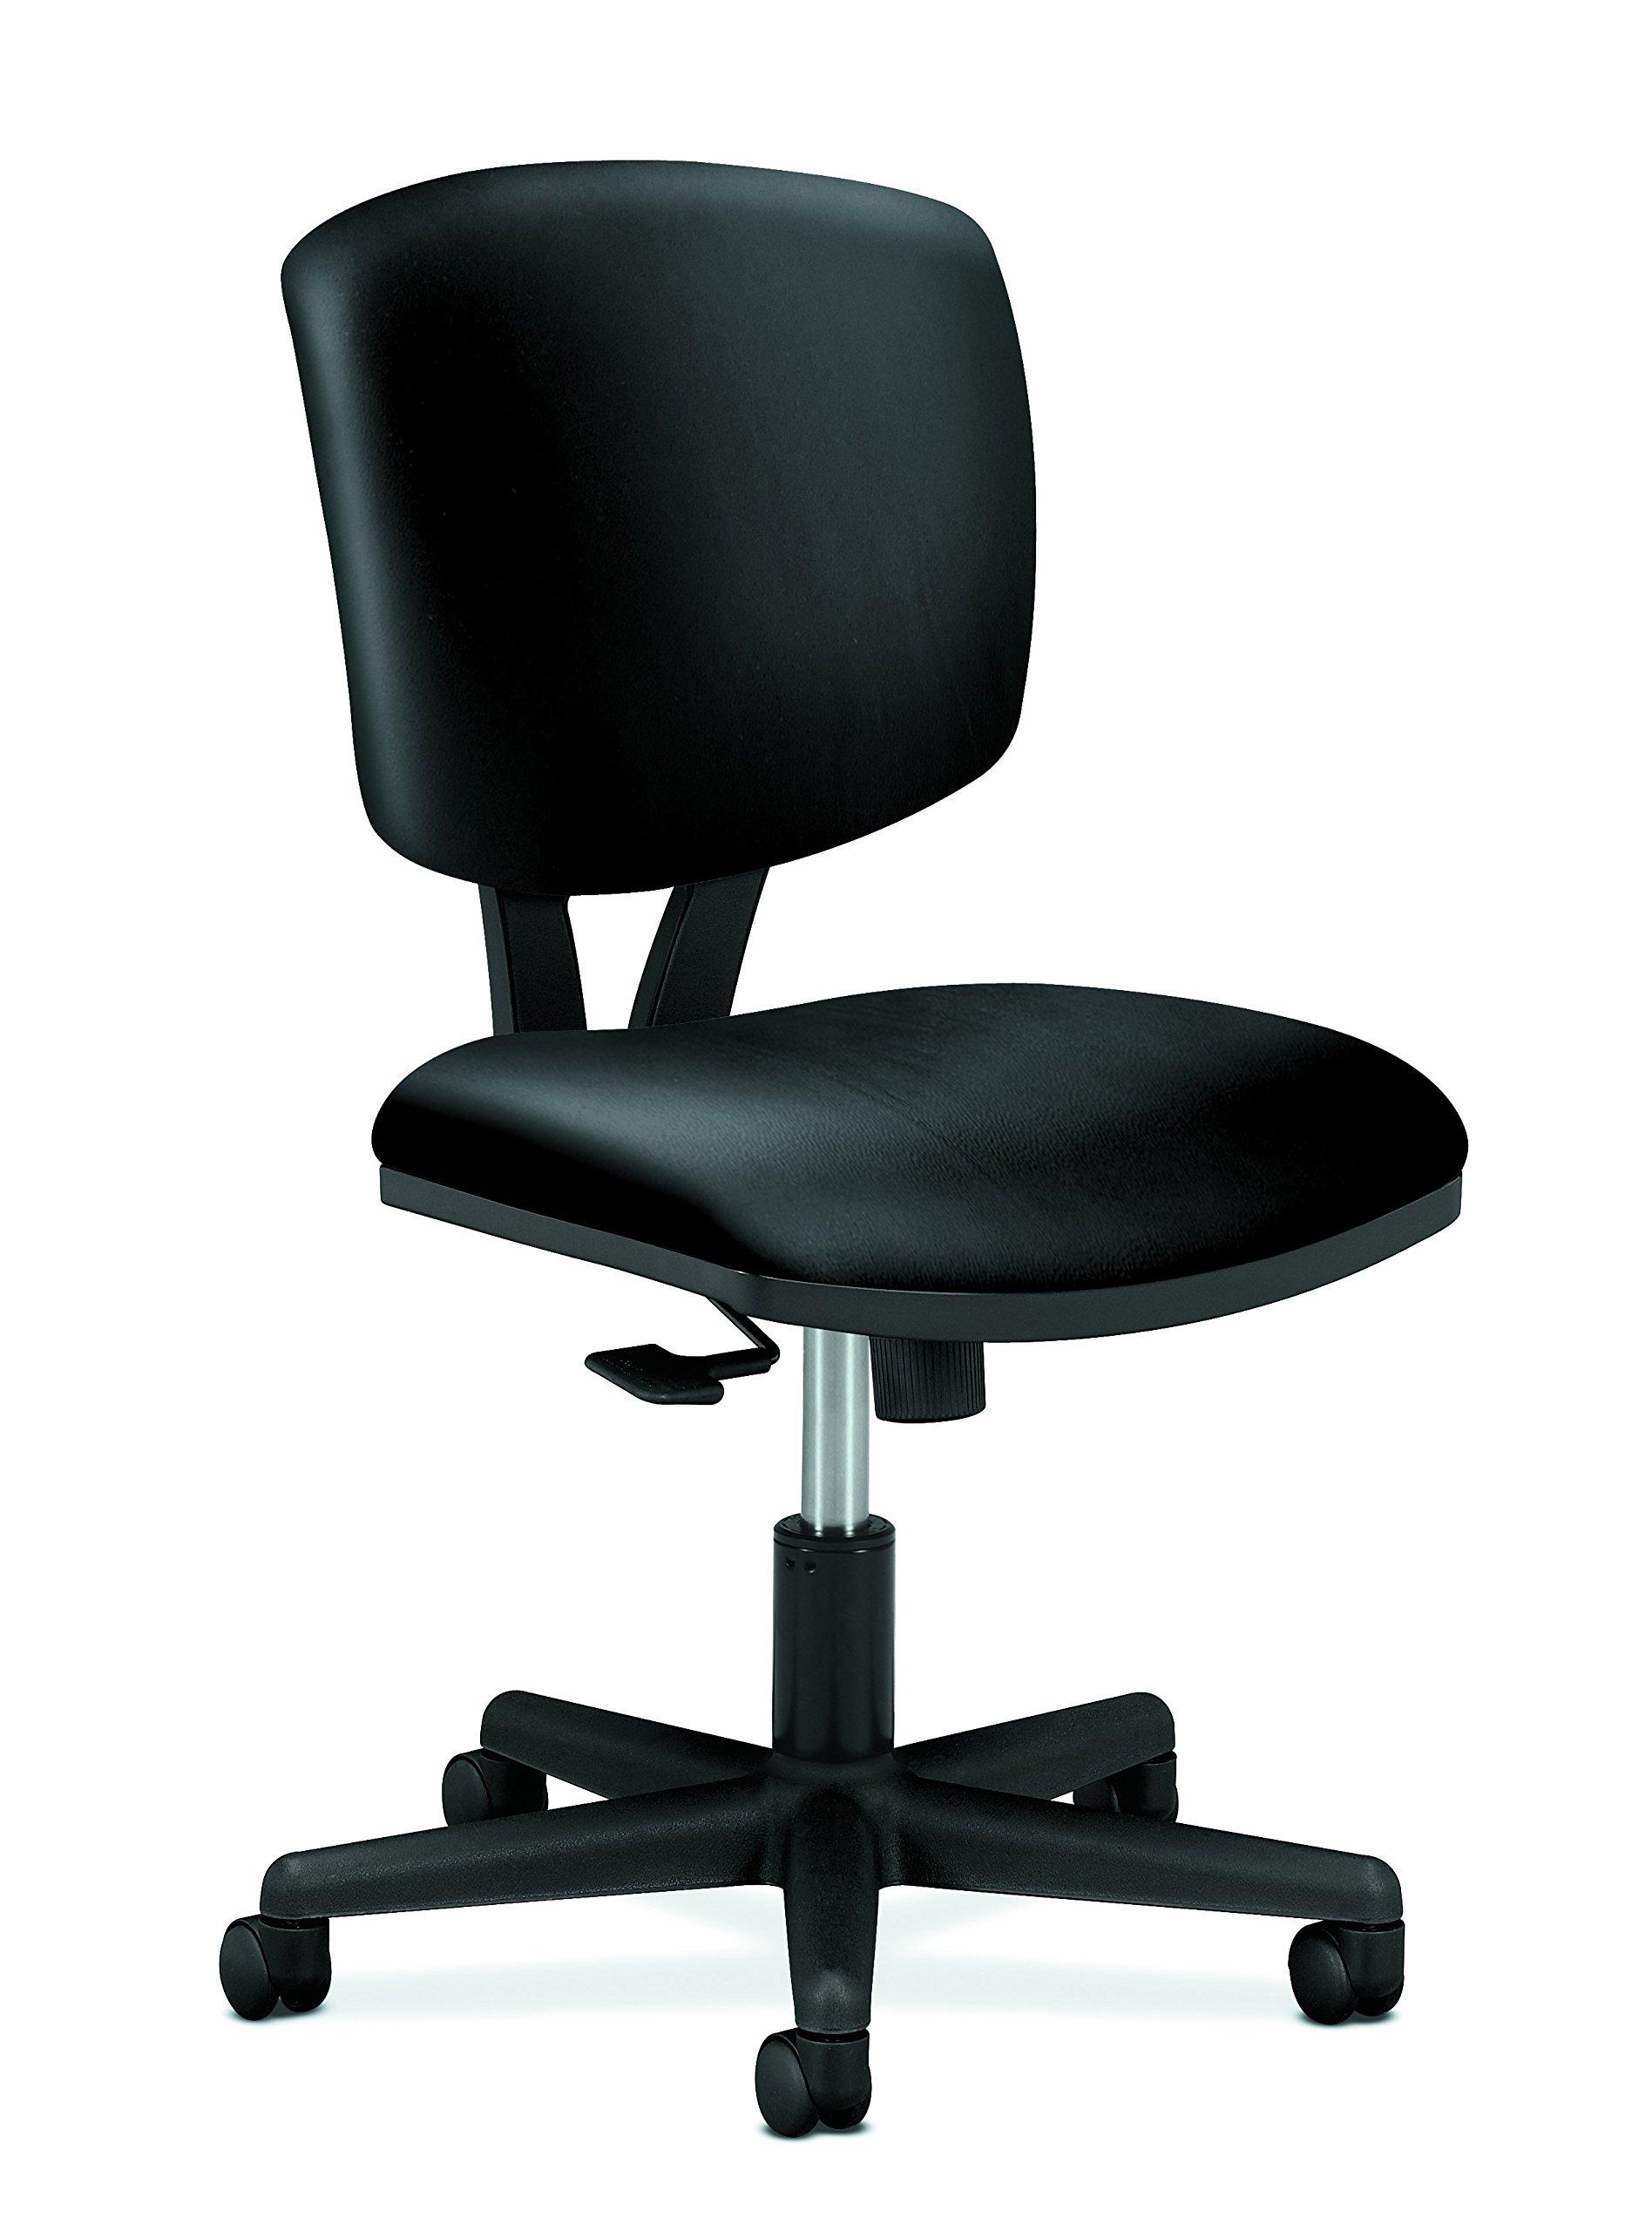 HON SB11.T HON5703SB11T Volt Leather Task Computer Chair for Office Desk, Black (H5703), Synchro-Tilt